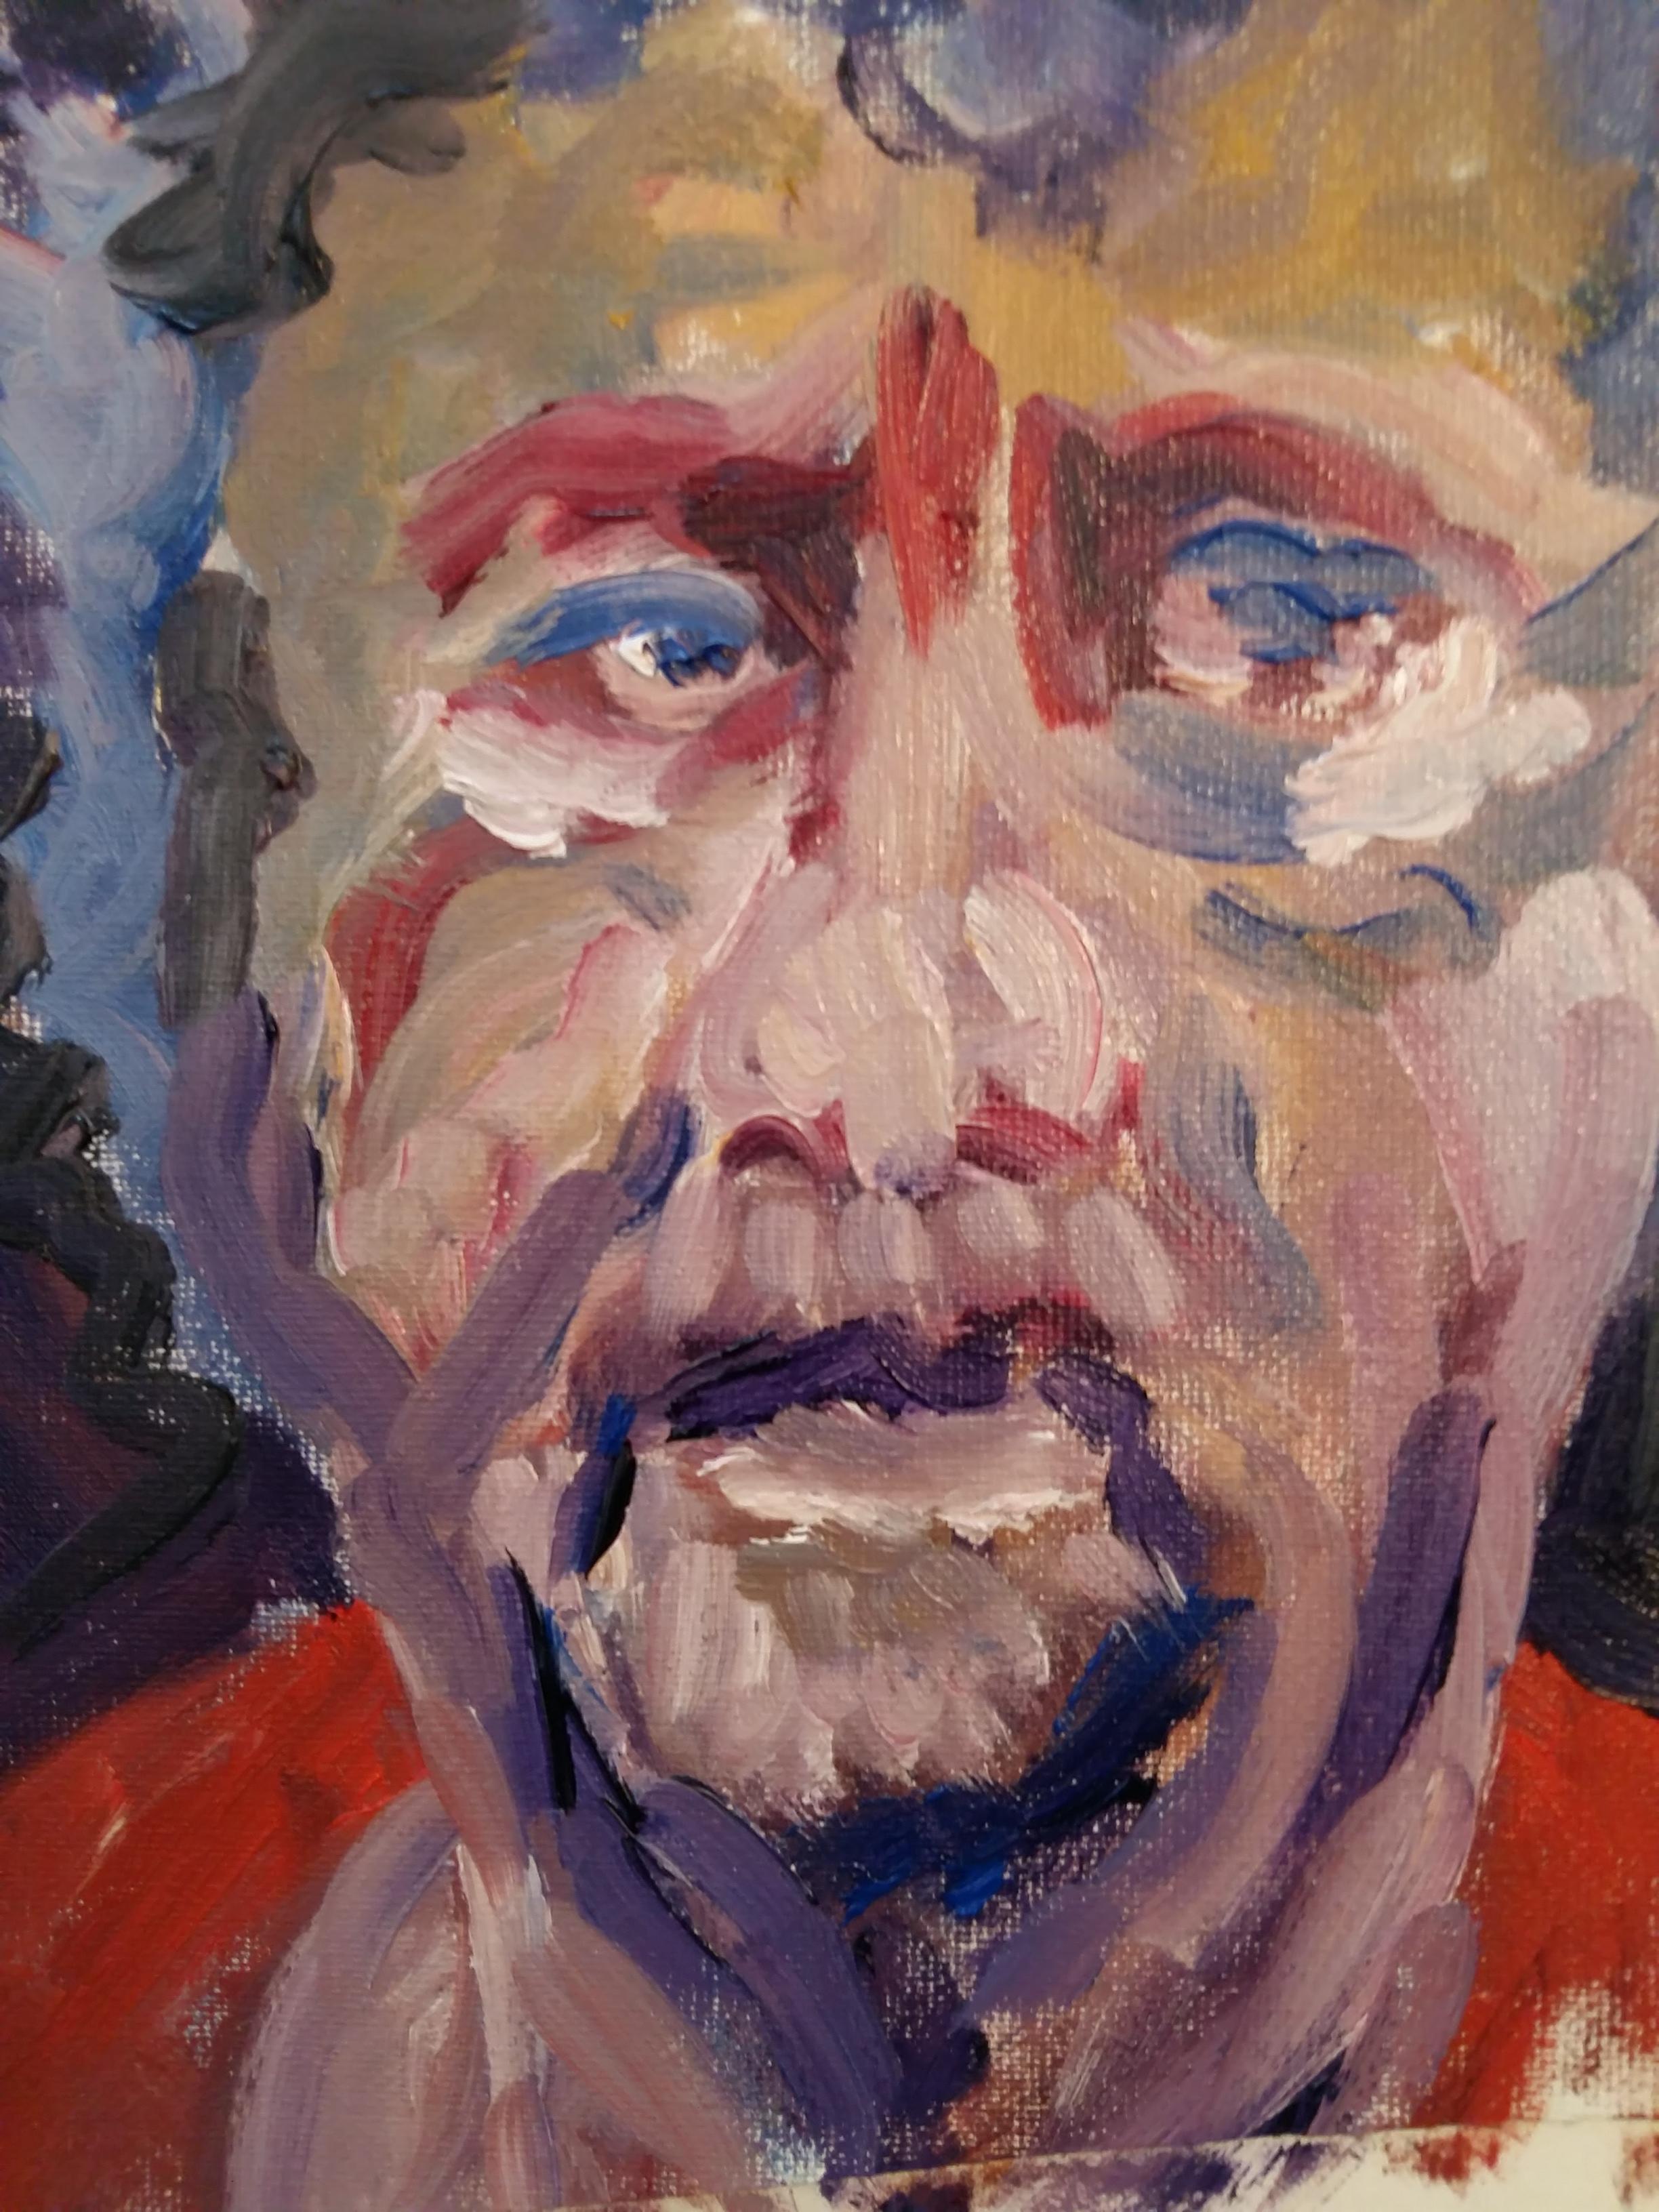 Portrait face homme peinture gouache  cours de dessin